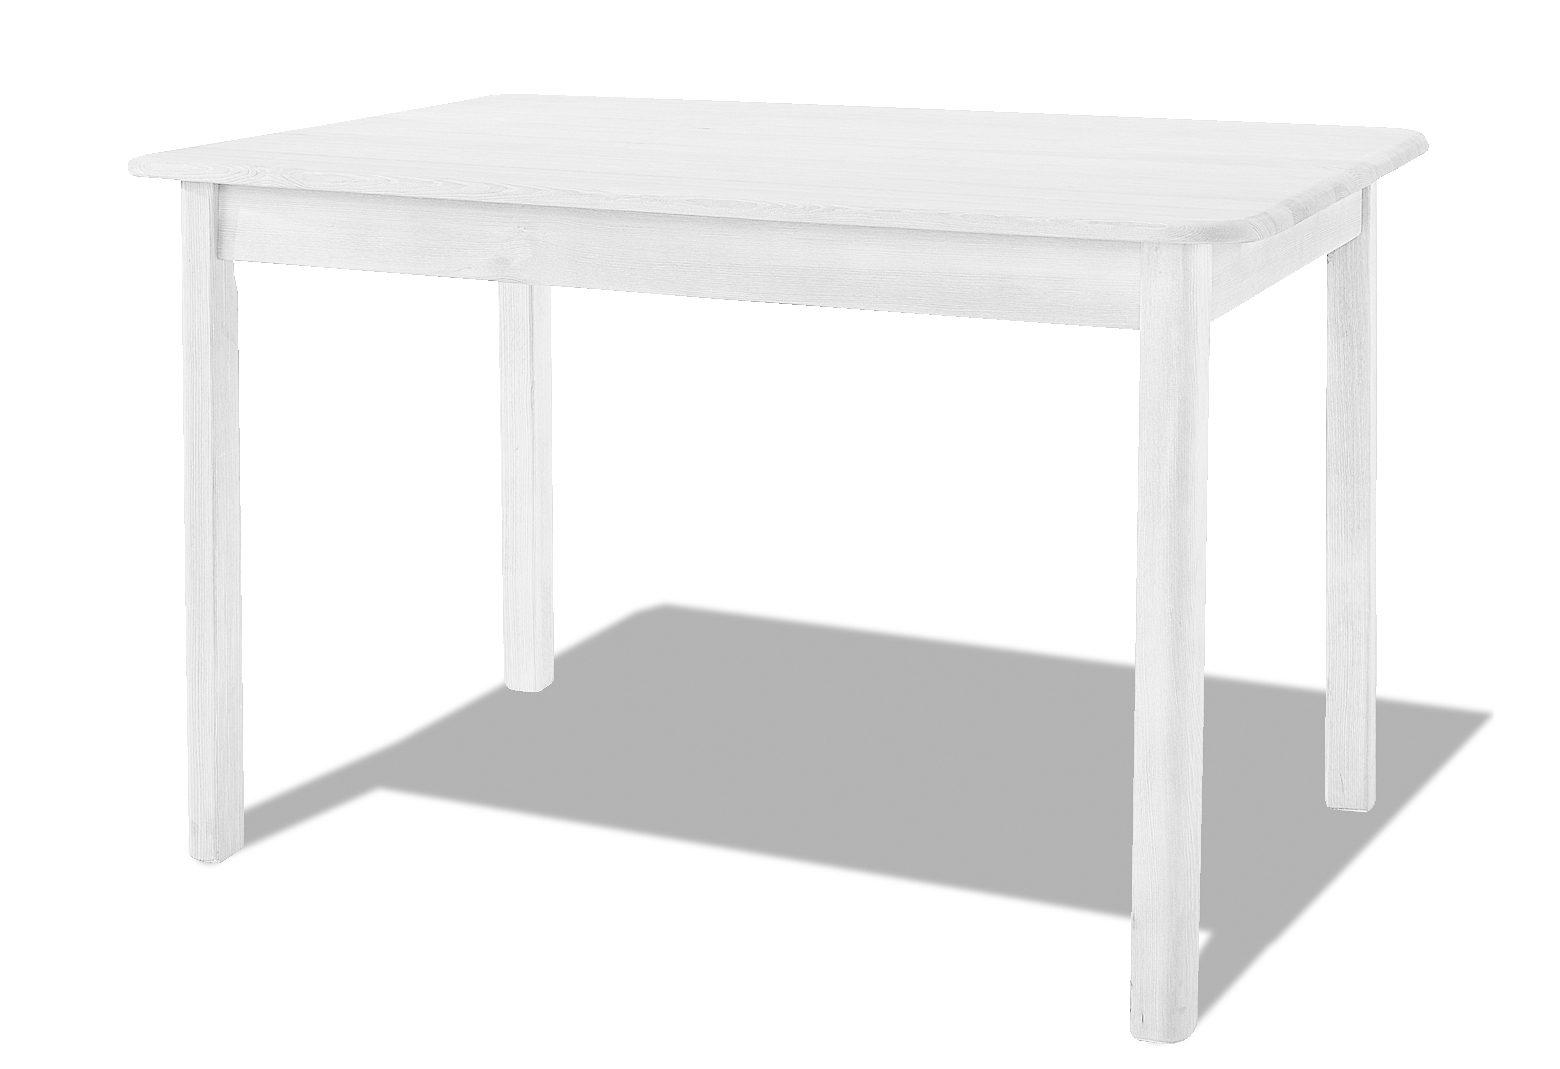 Esstisch »Bianca«, der Marke Home affaire, aus massivem Kiefernholz, mit abgerundeter Tischplattenkante